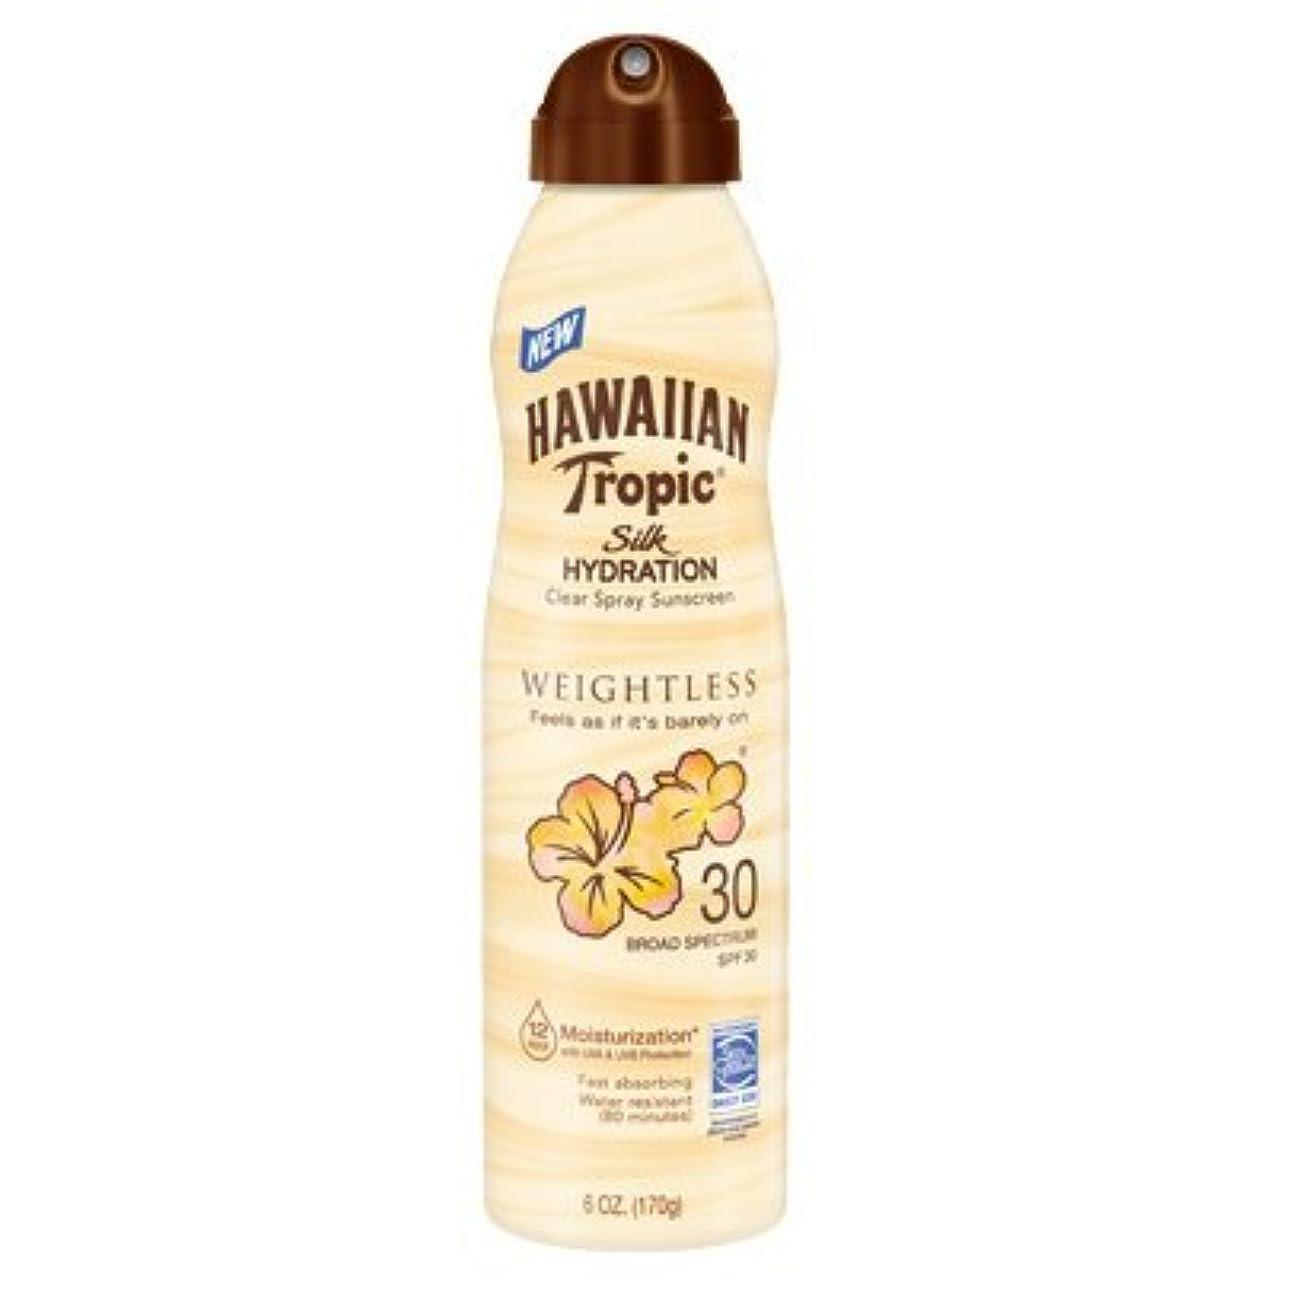 ケーブル分ギャザー【海外直送】ハワイアントロピック 12時間持続 日焼け止めミスト SPF30 (177ml) Hawaiian Tropic Silk Hydration Clear Mist Spray Sunscreen SPF 30...